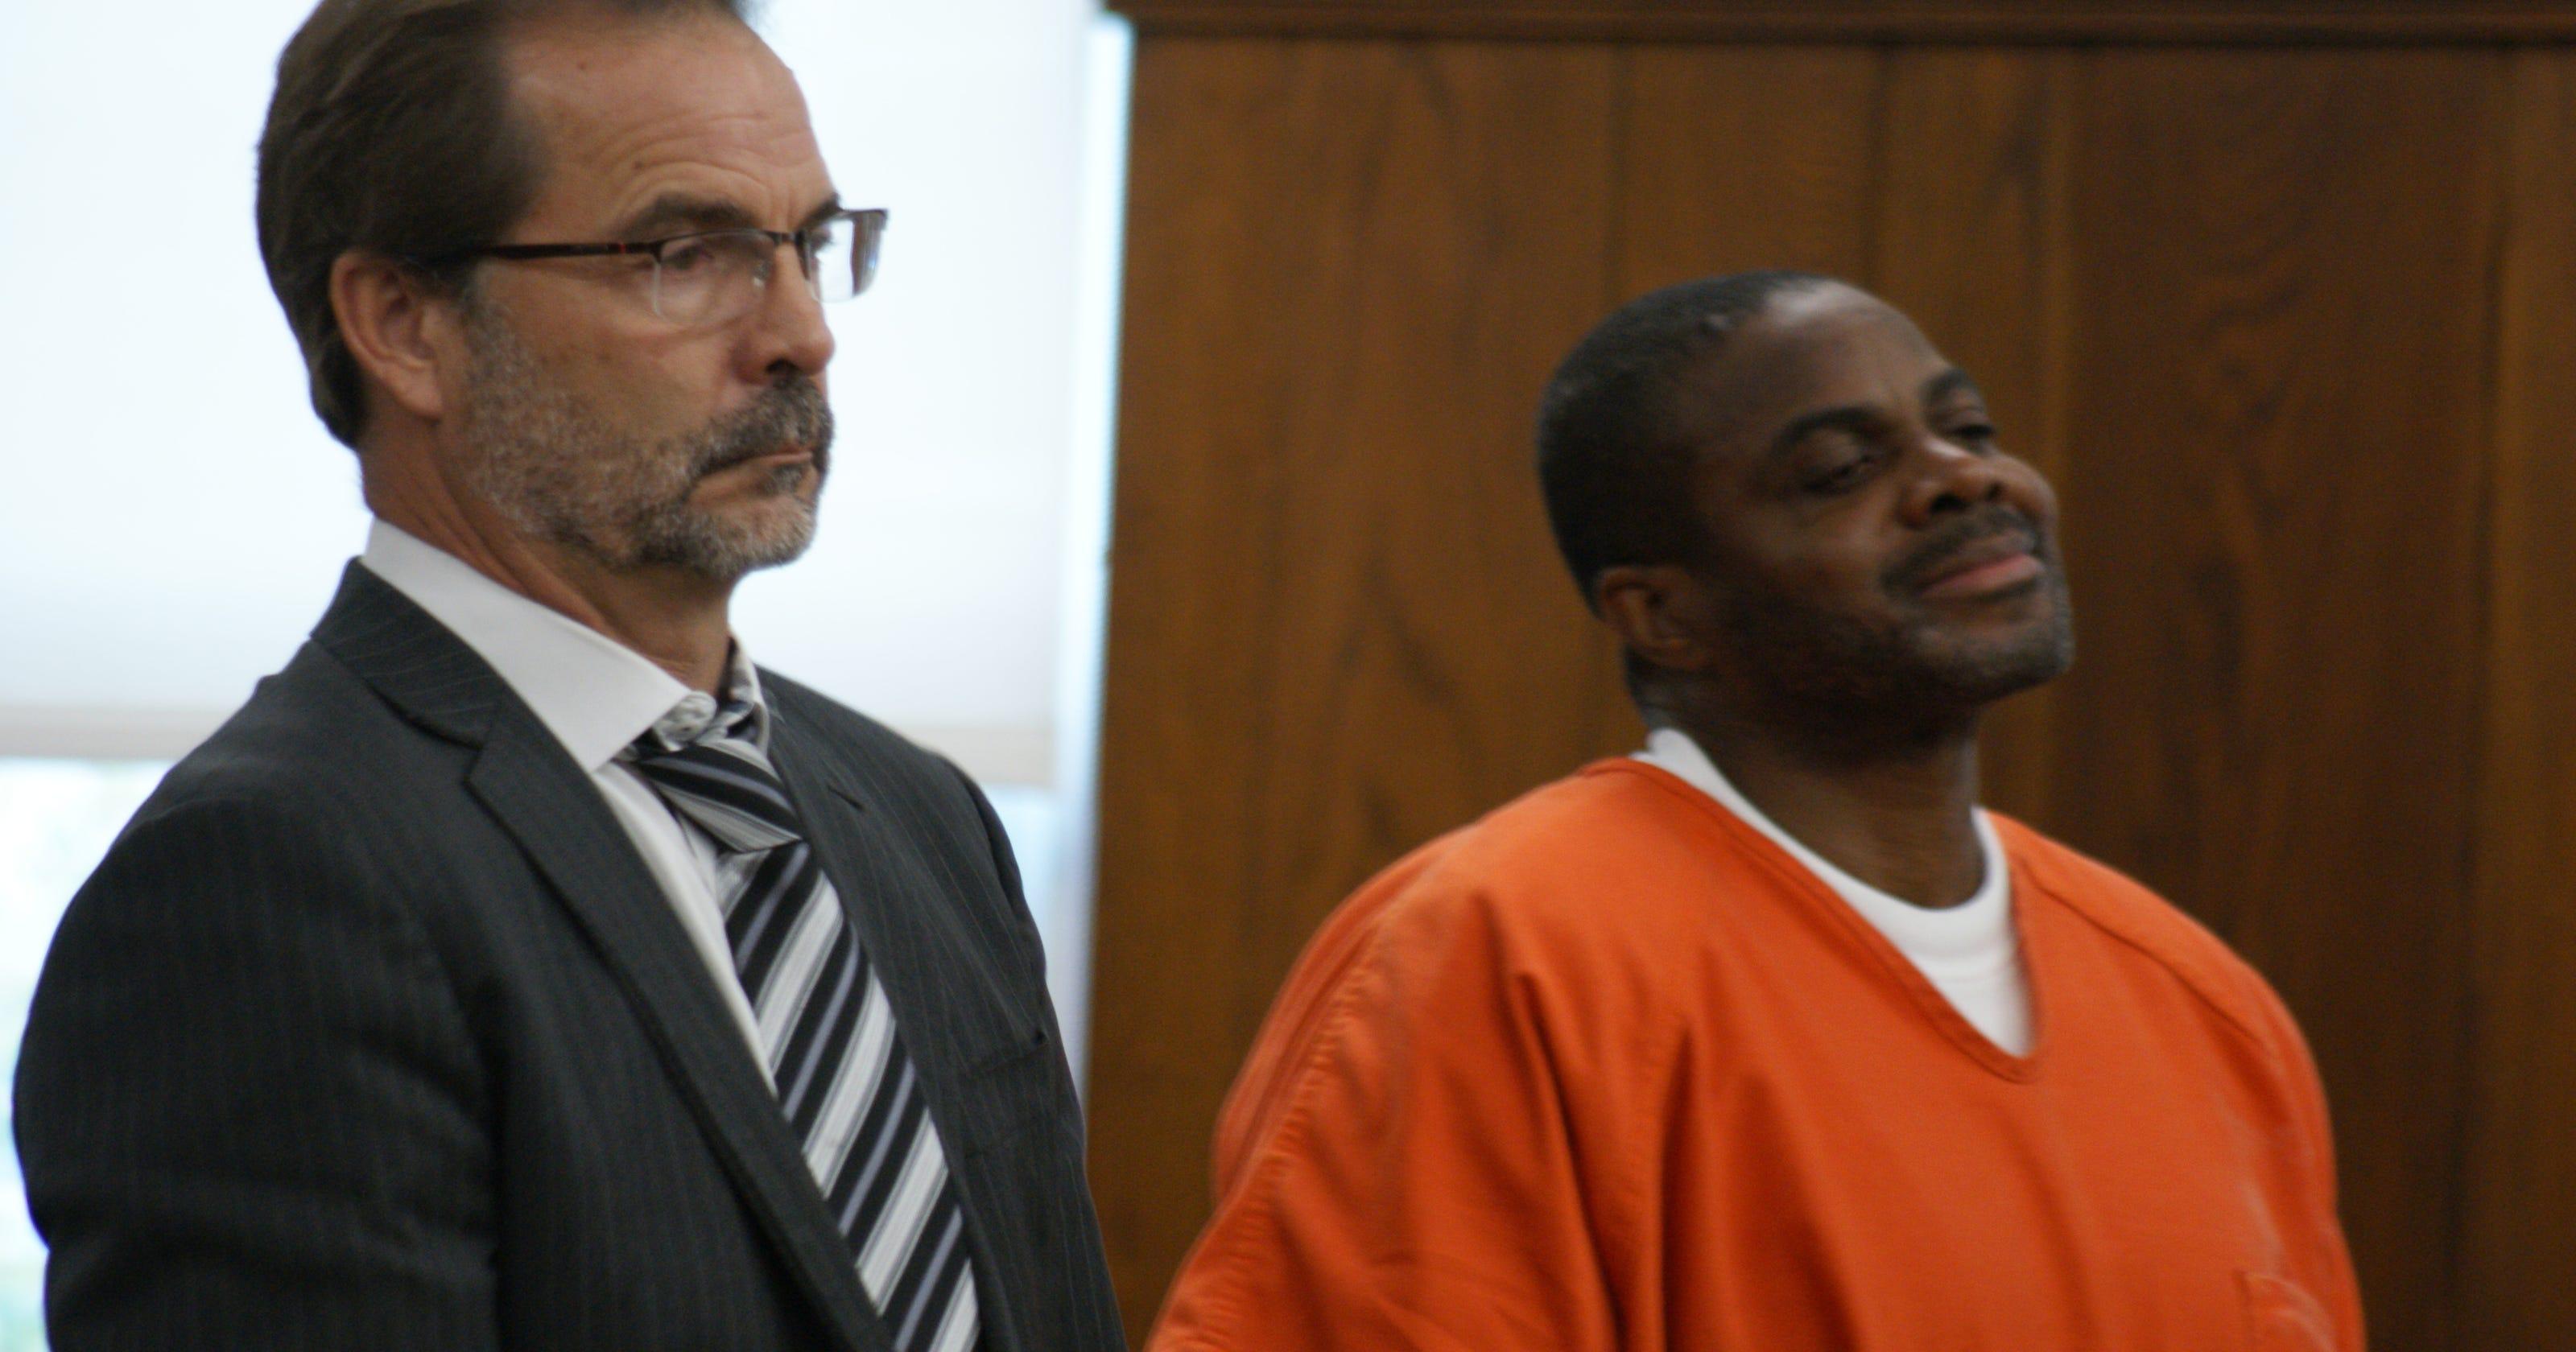 Judge sentences major drug dealer to 34 years prison